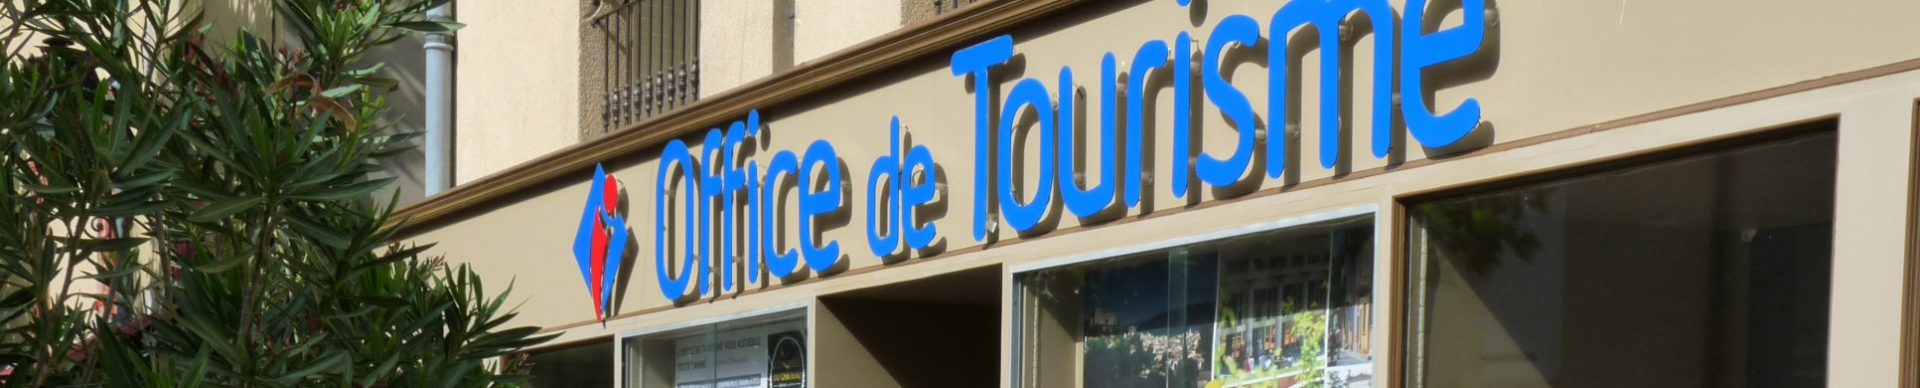 Offices de tourisme renseignements touristiques alpes de haute provence tourisme - Office du tourisme forcalquier ...